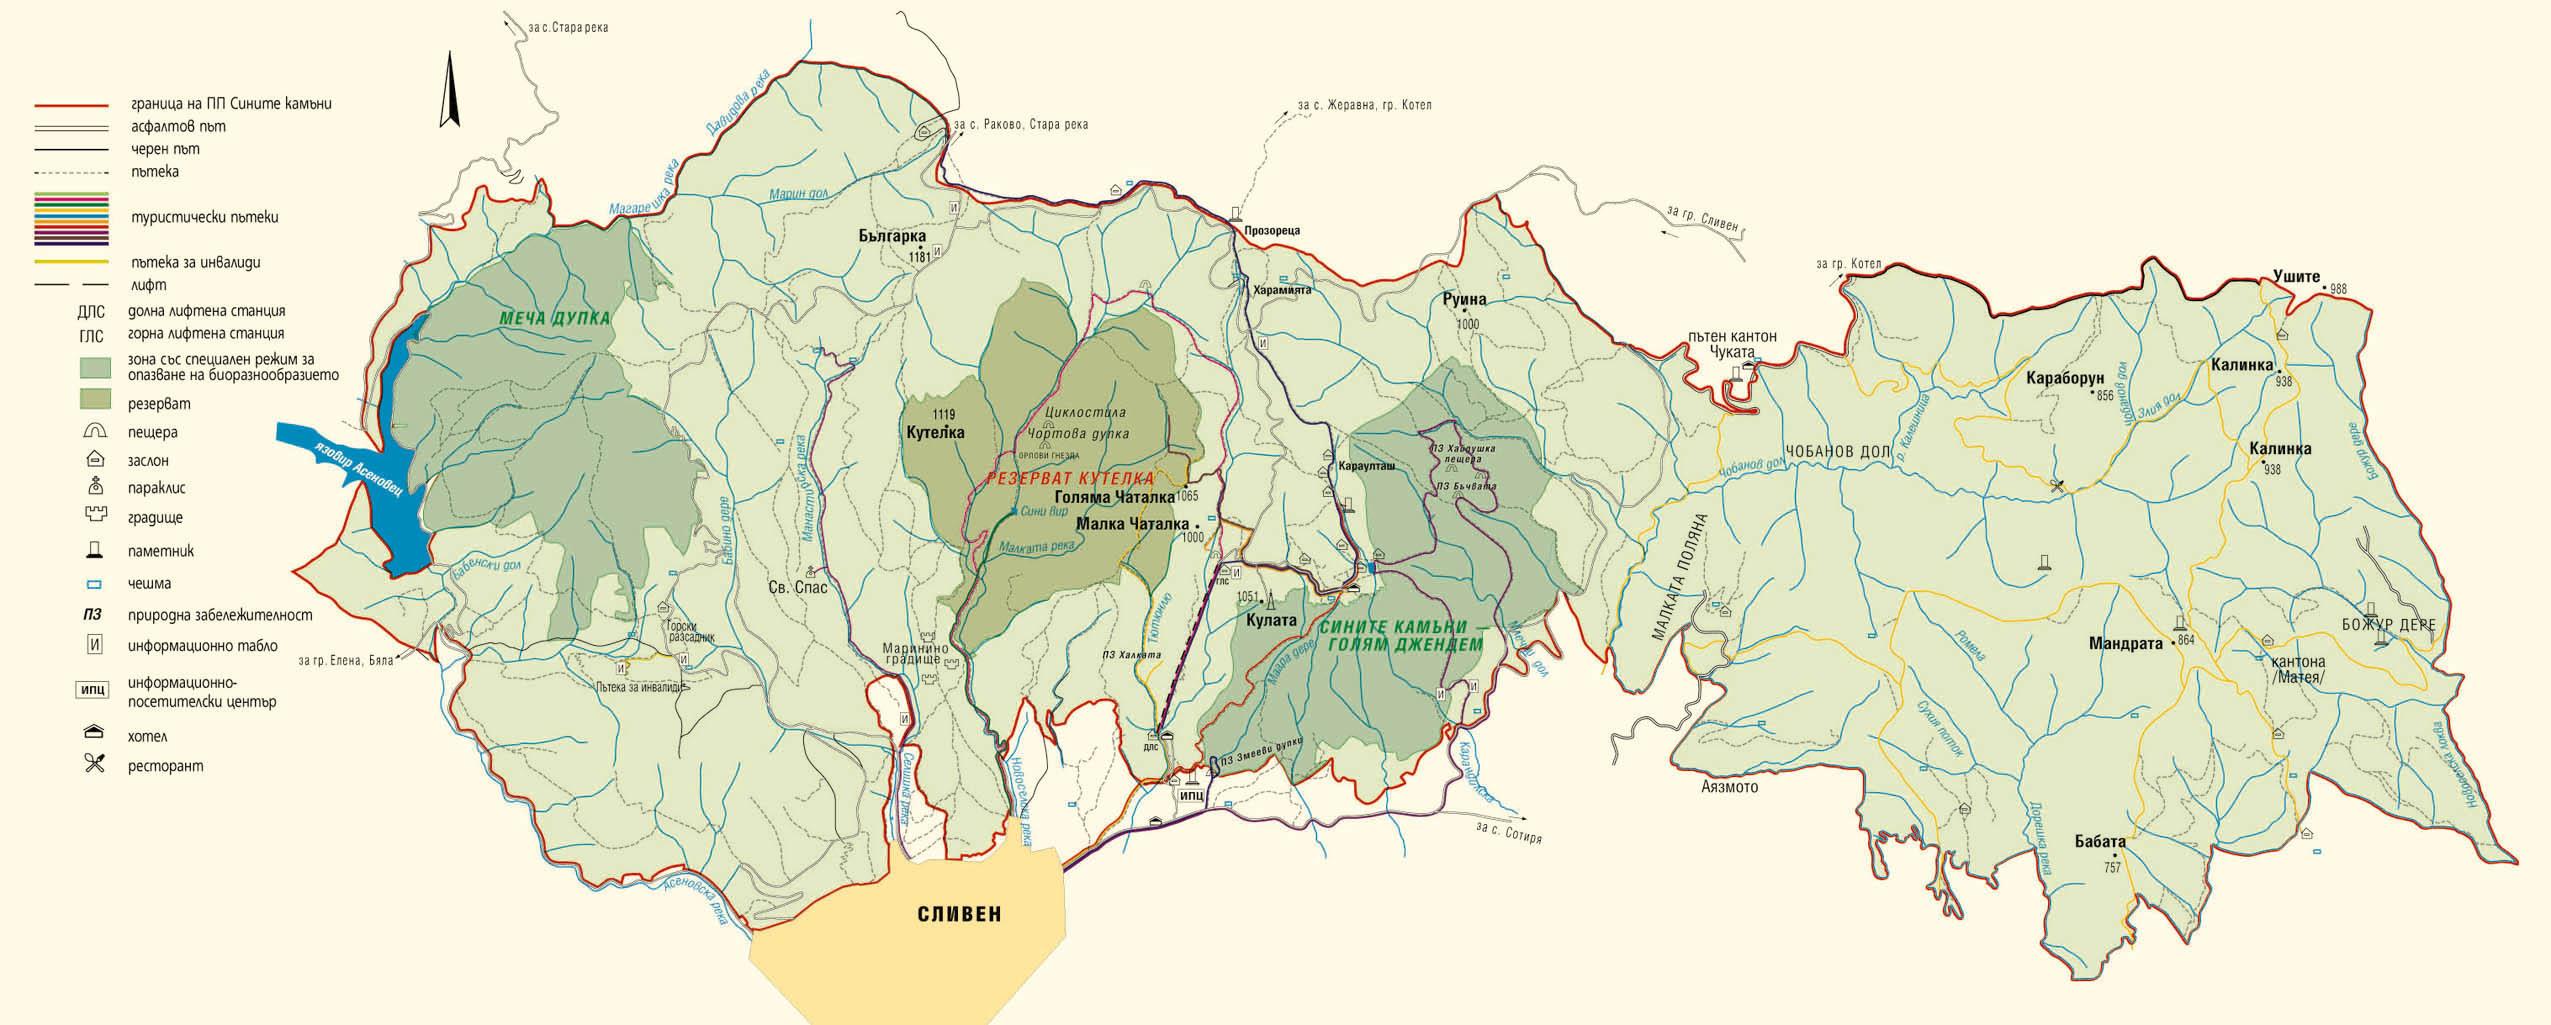 Карта на Сините камъни